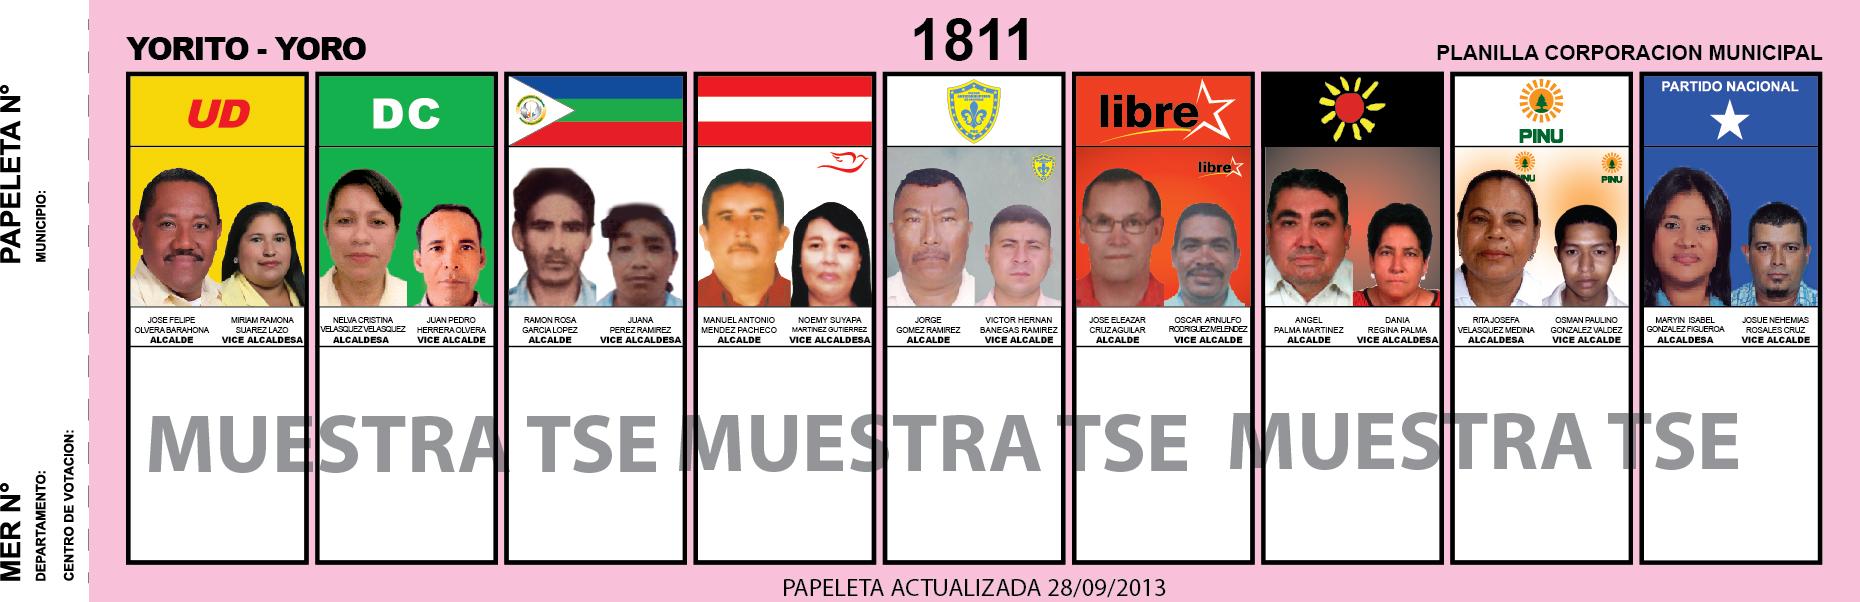 CANDIDATOS 2013 MUNICIPIO YORITO - YORO - HONDURAS